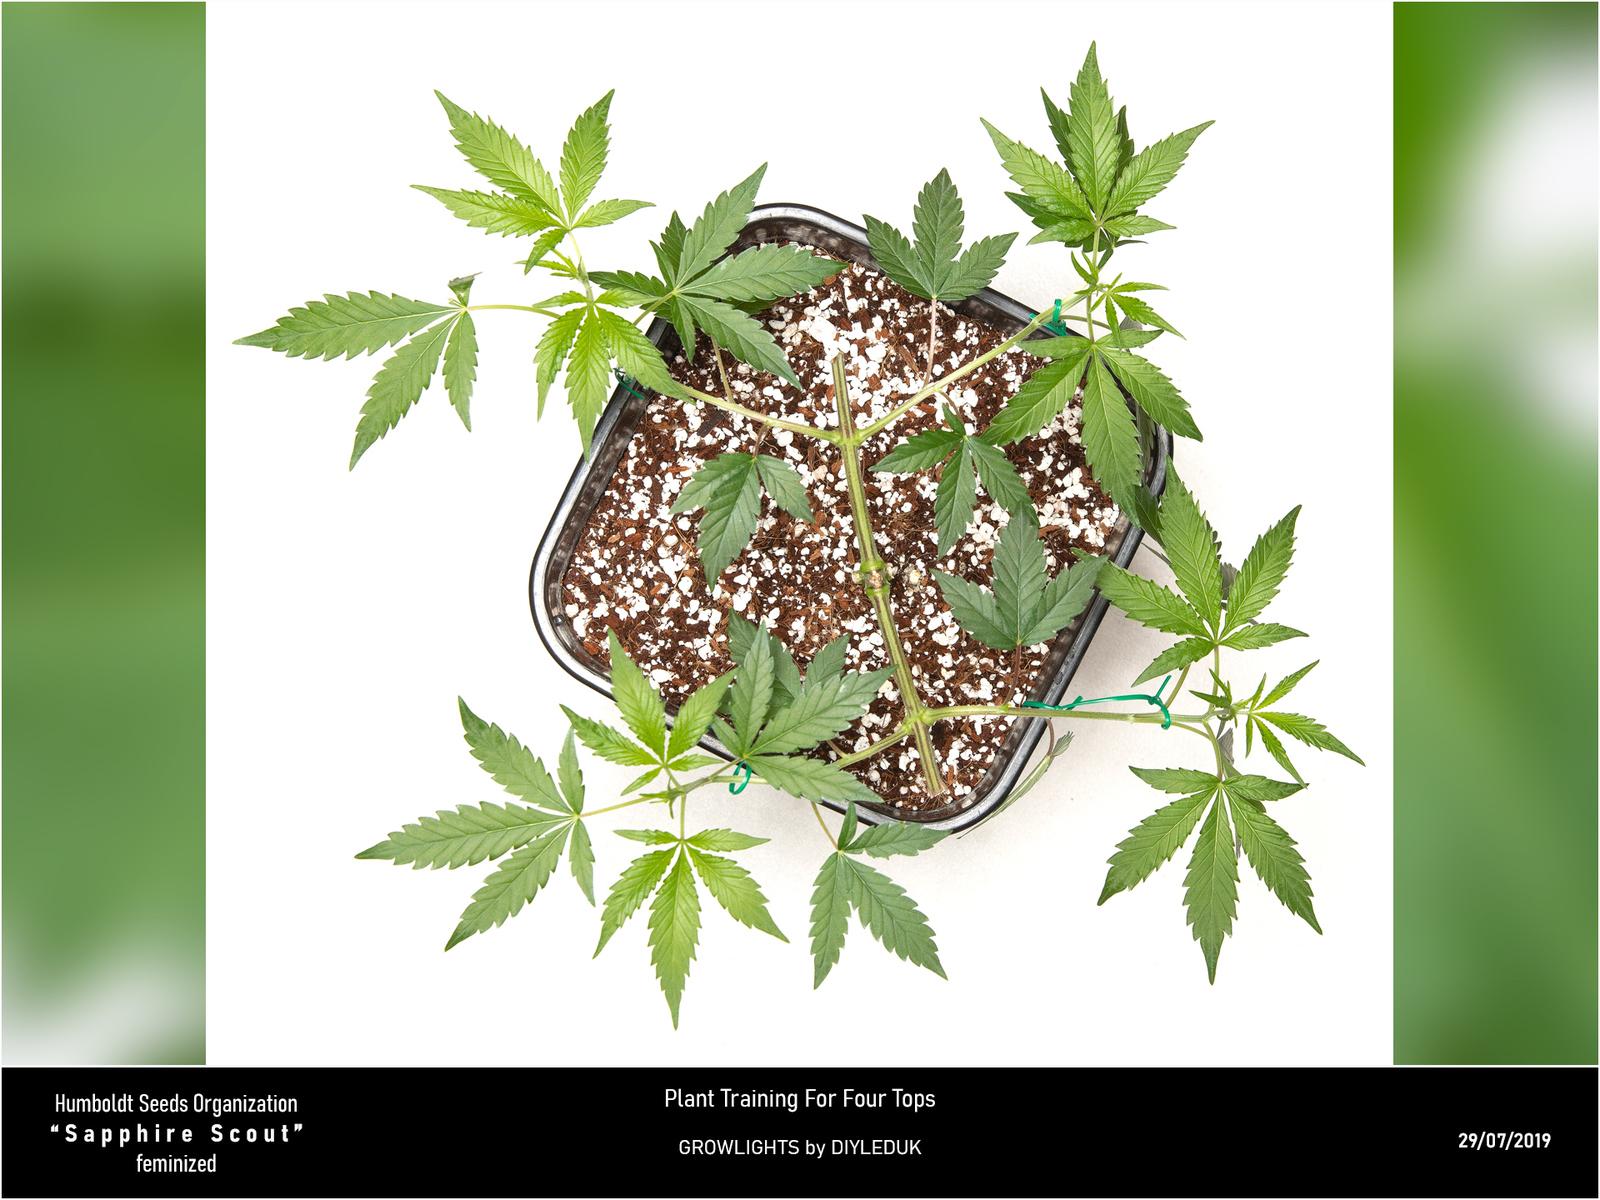 large.5d3f306e282d1_HSO-SapphireScout-Planttrainingforfourtops-29-07-2019-web.jpg